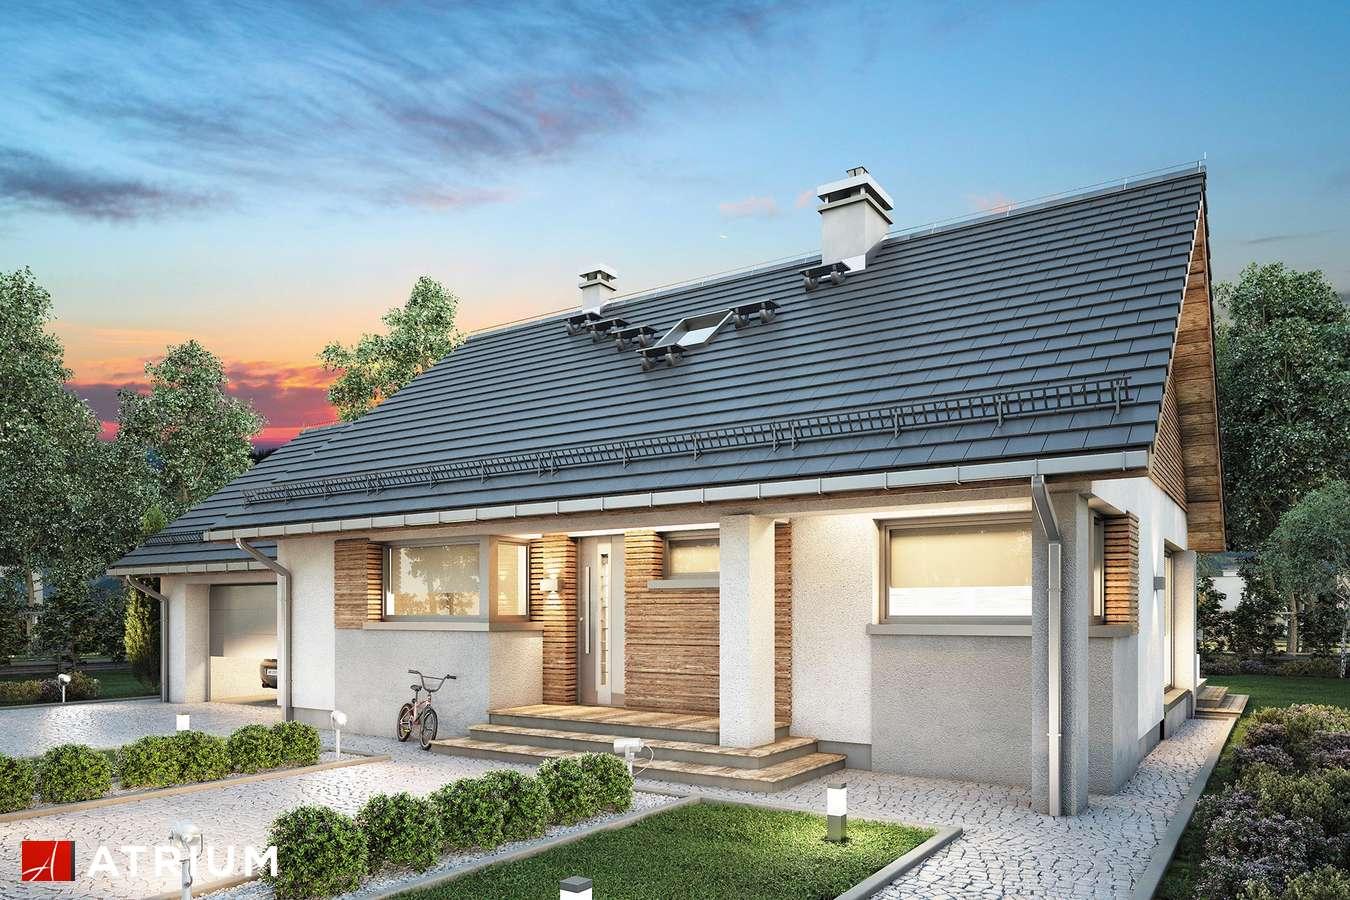 Projekty domów - Projekt domu parterowego RICARDO LIFT II - wizualizacja 1